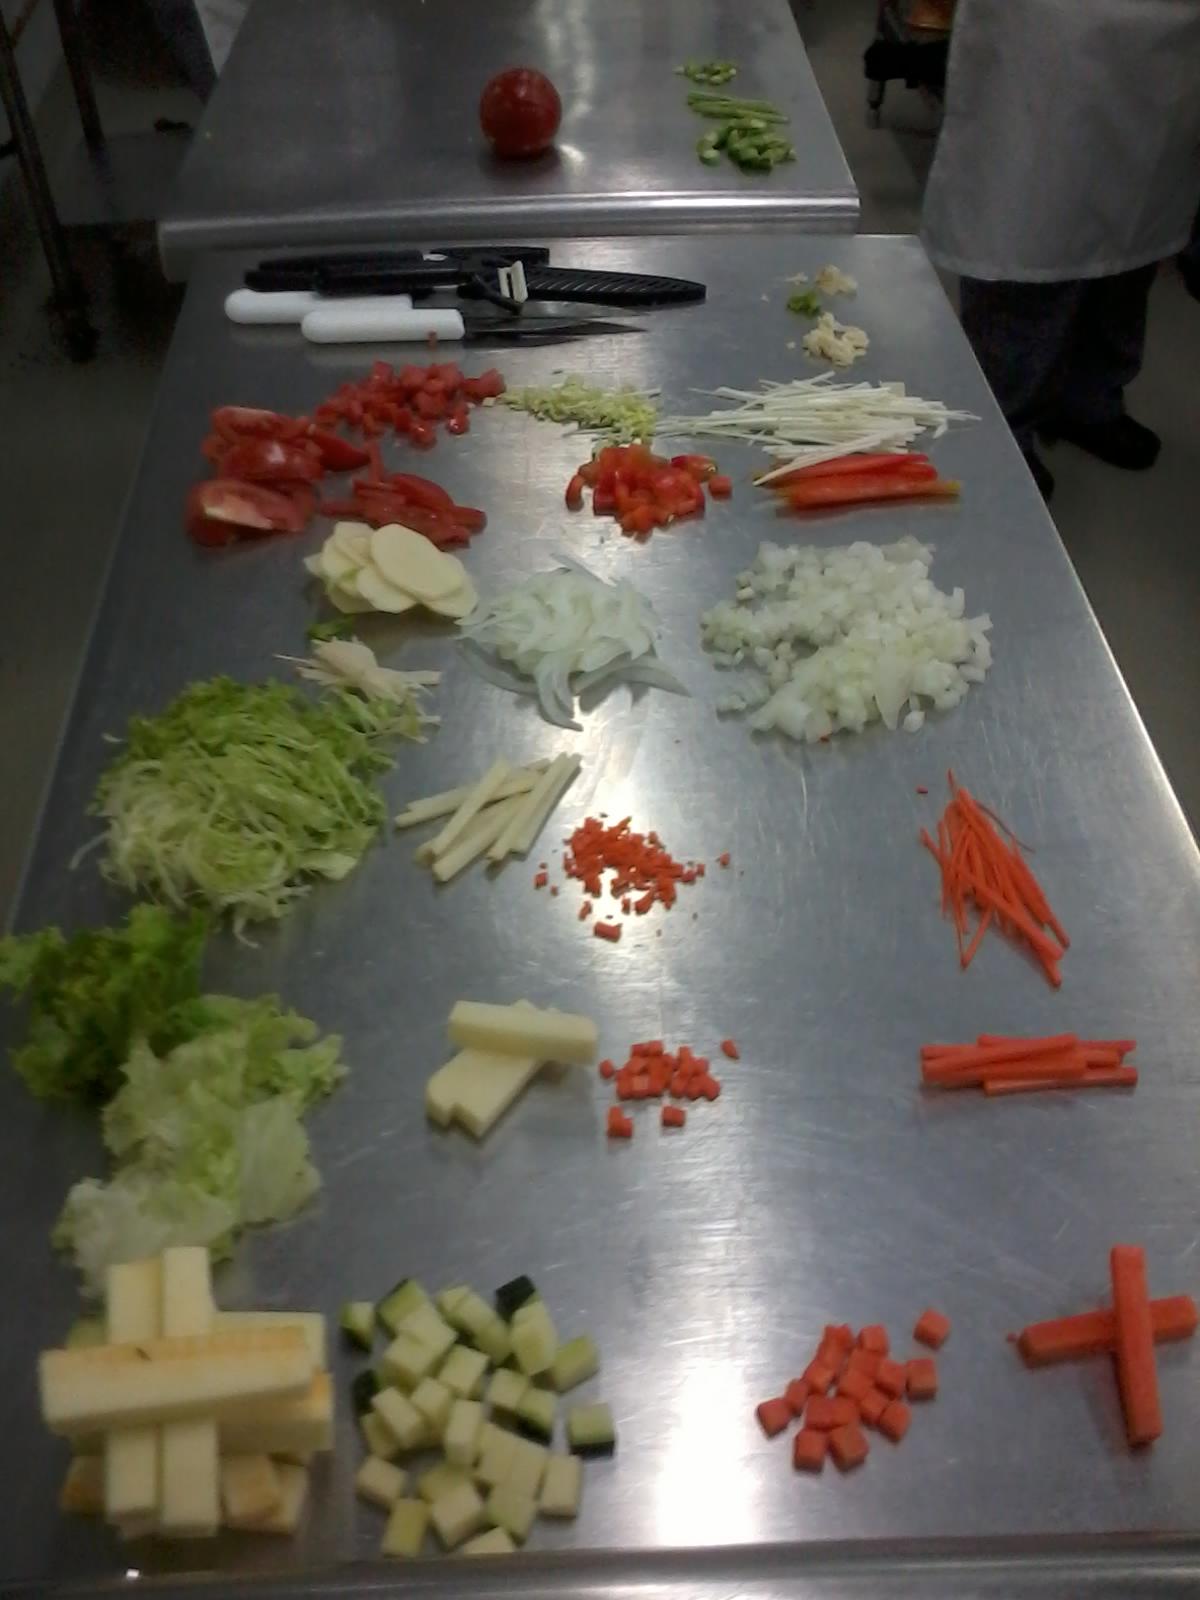 Cocina basica cortes de verduras for Cortes de verduras gastronomia pdf